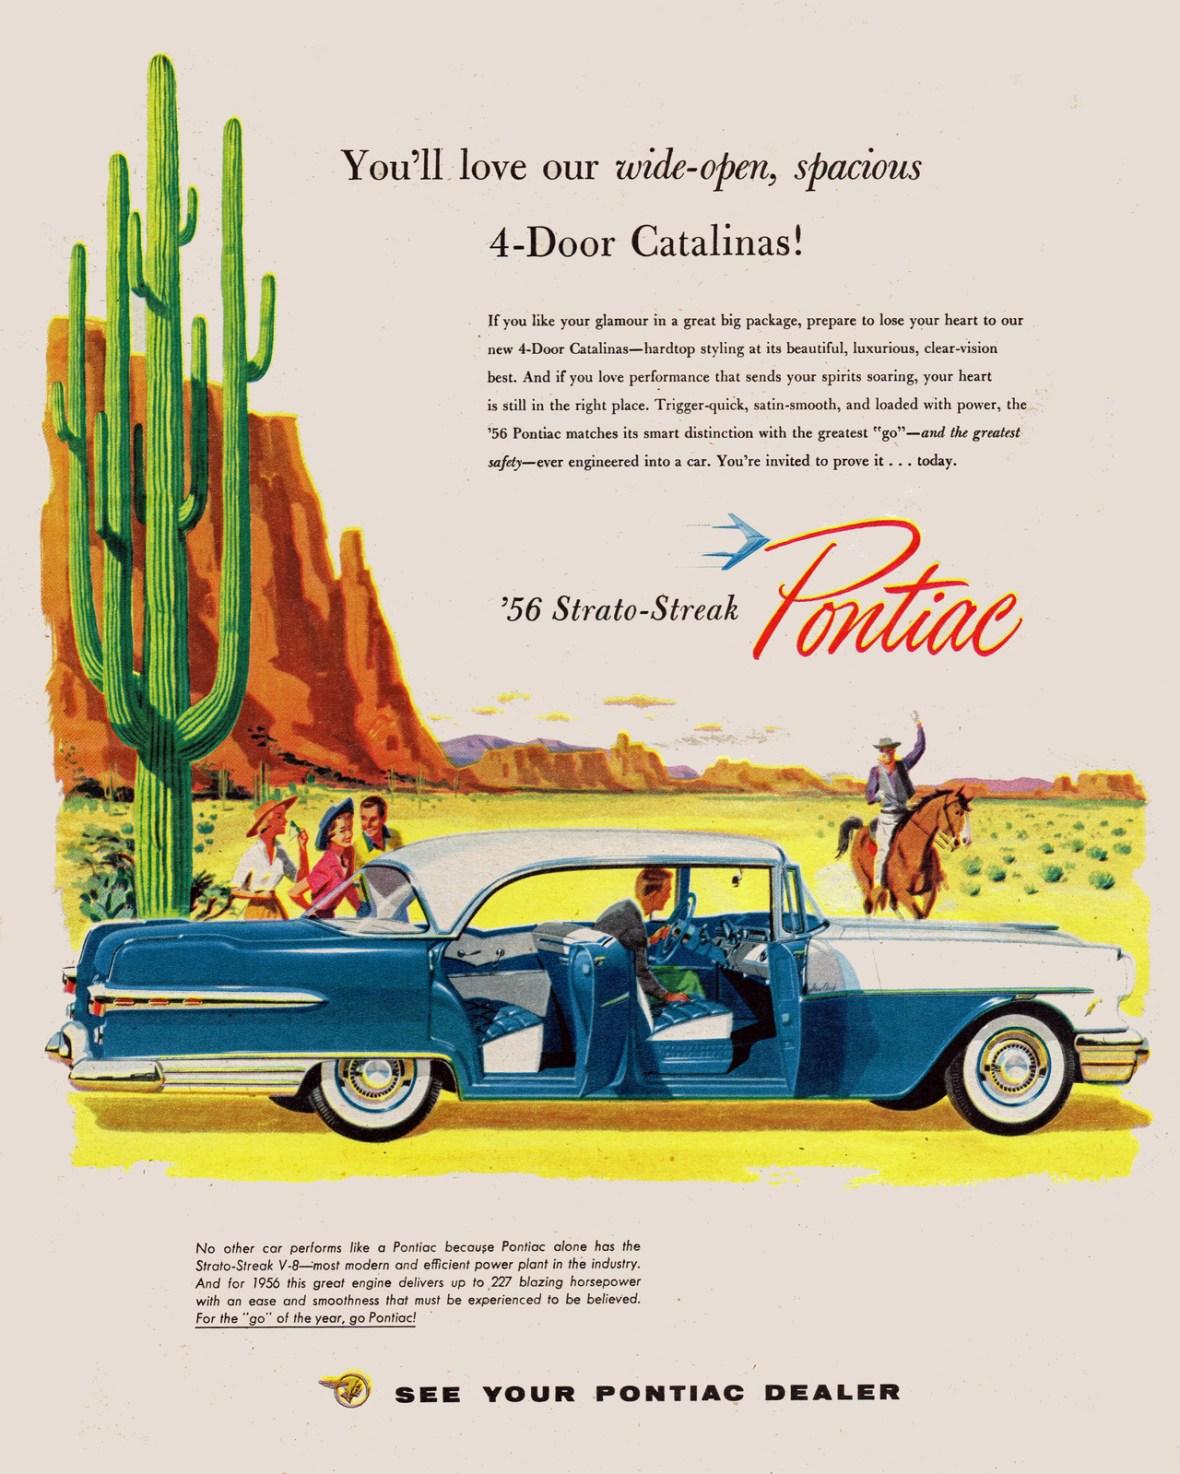 1956 Pontiac Catalina 4-Door